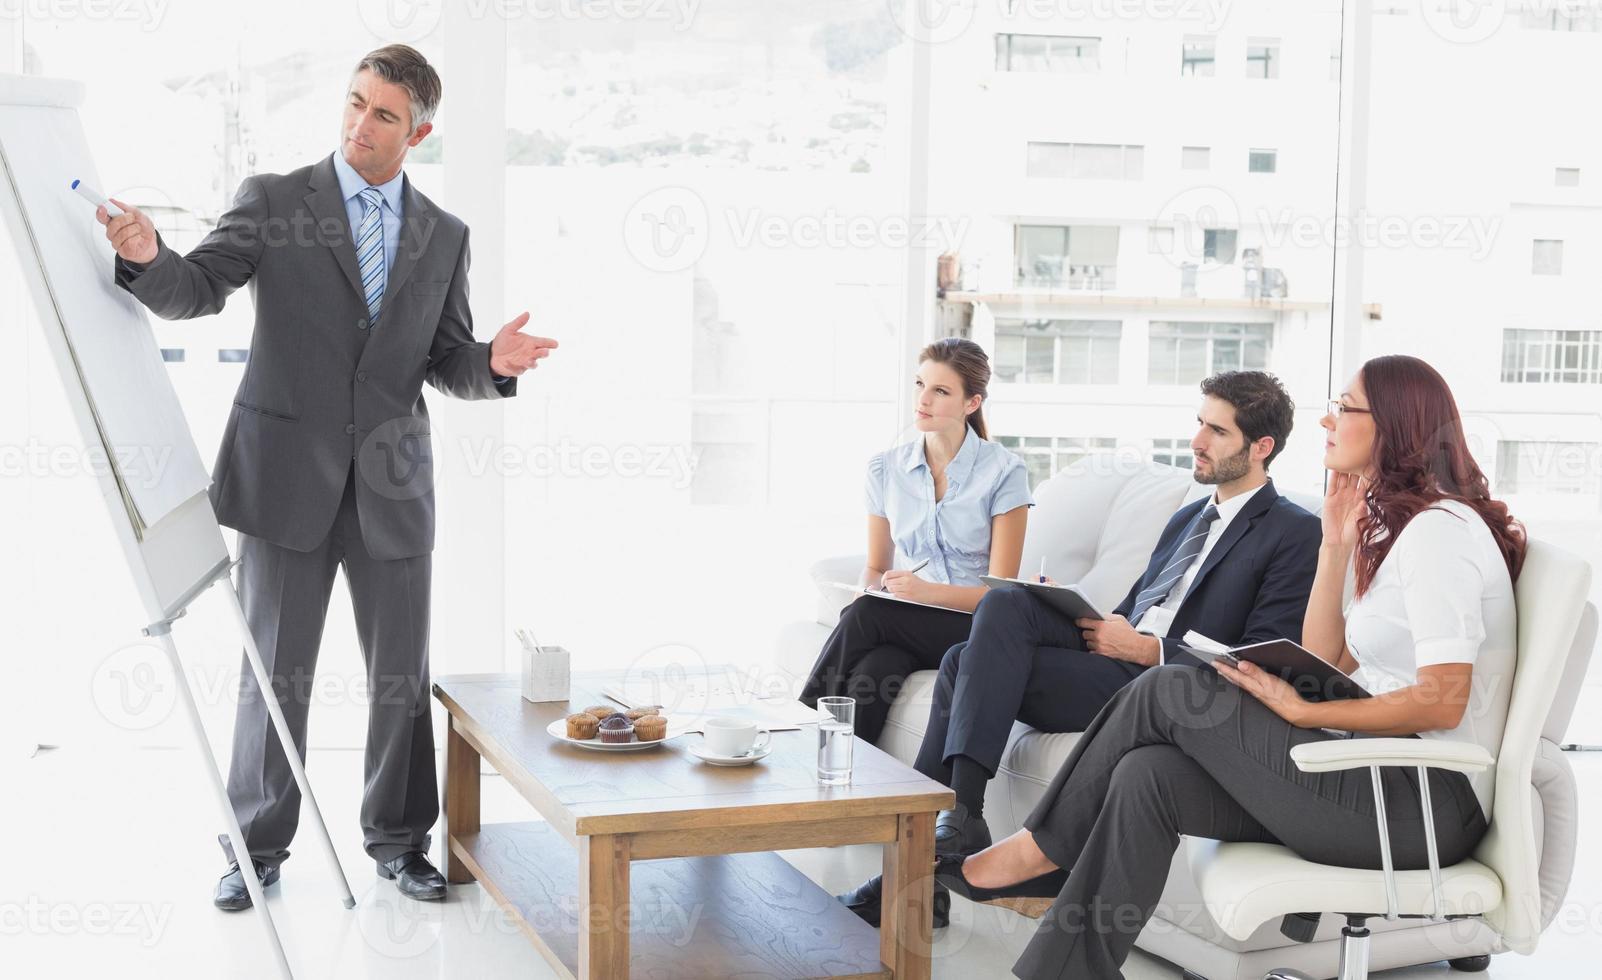 affärsman som ger en presentation foto